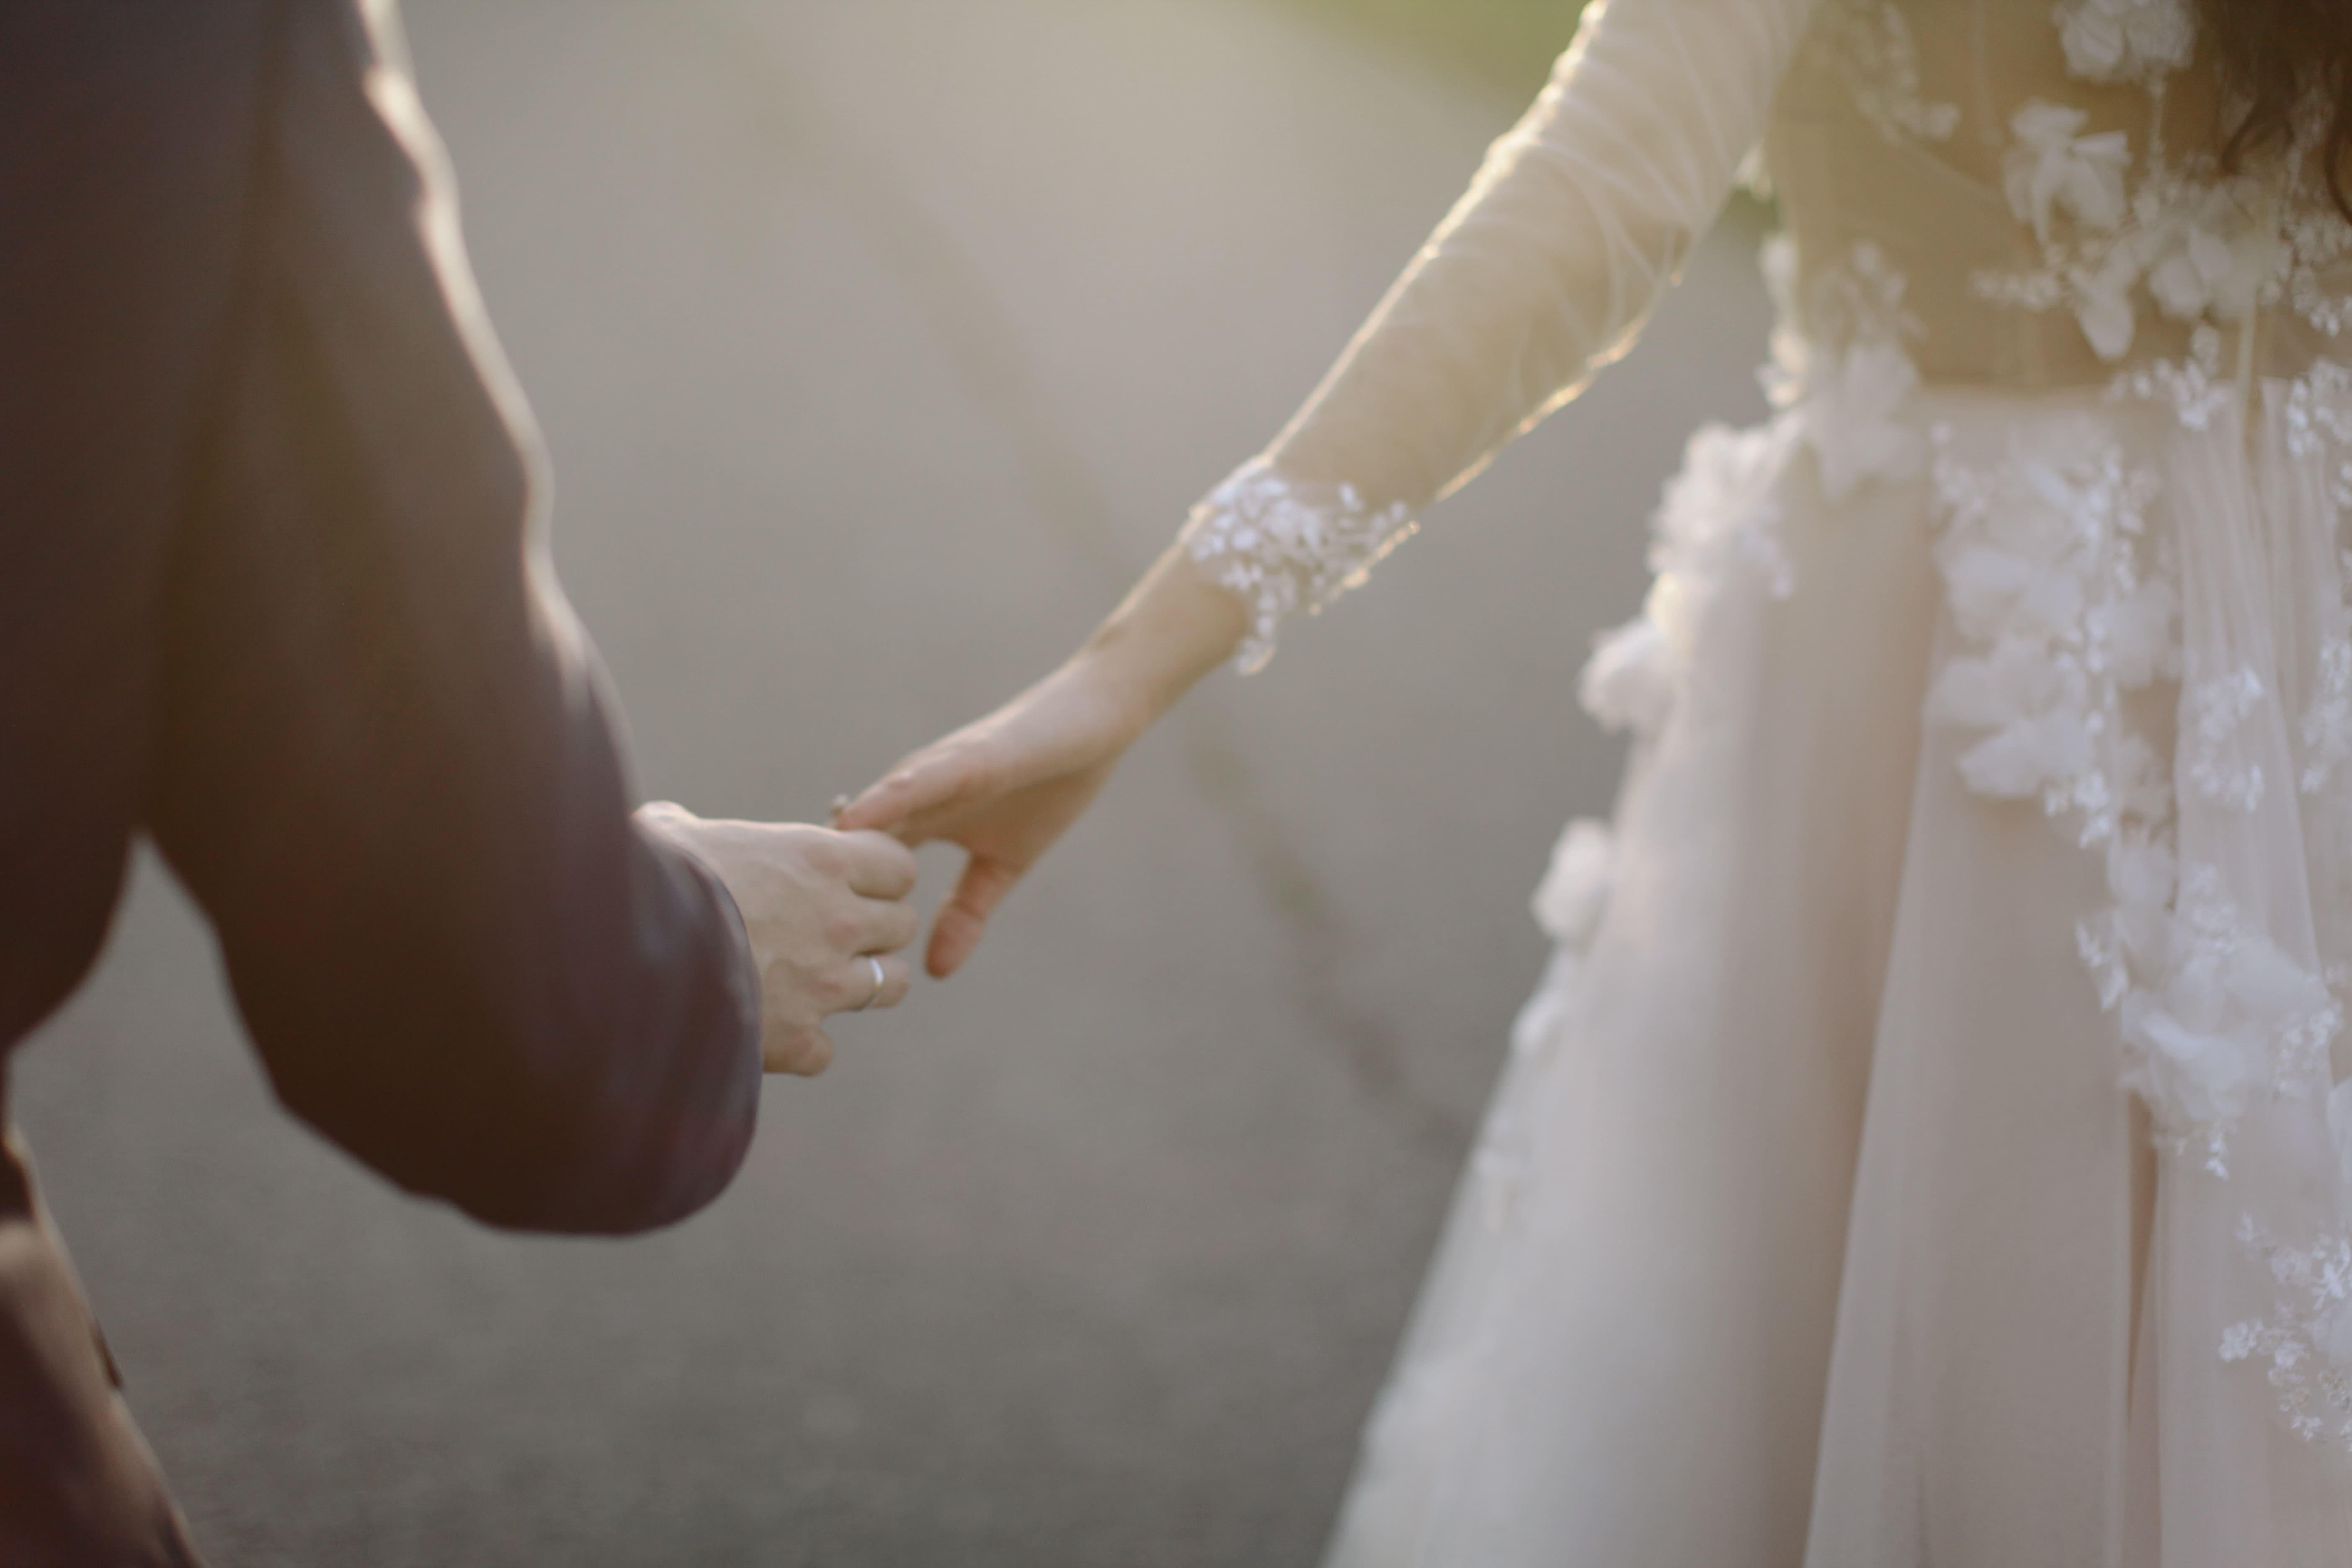 「結婚はご縁だから」の真実